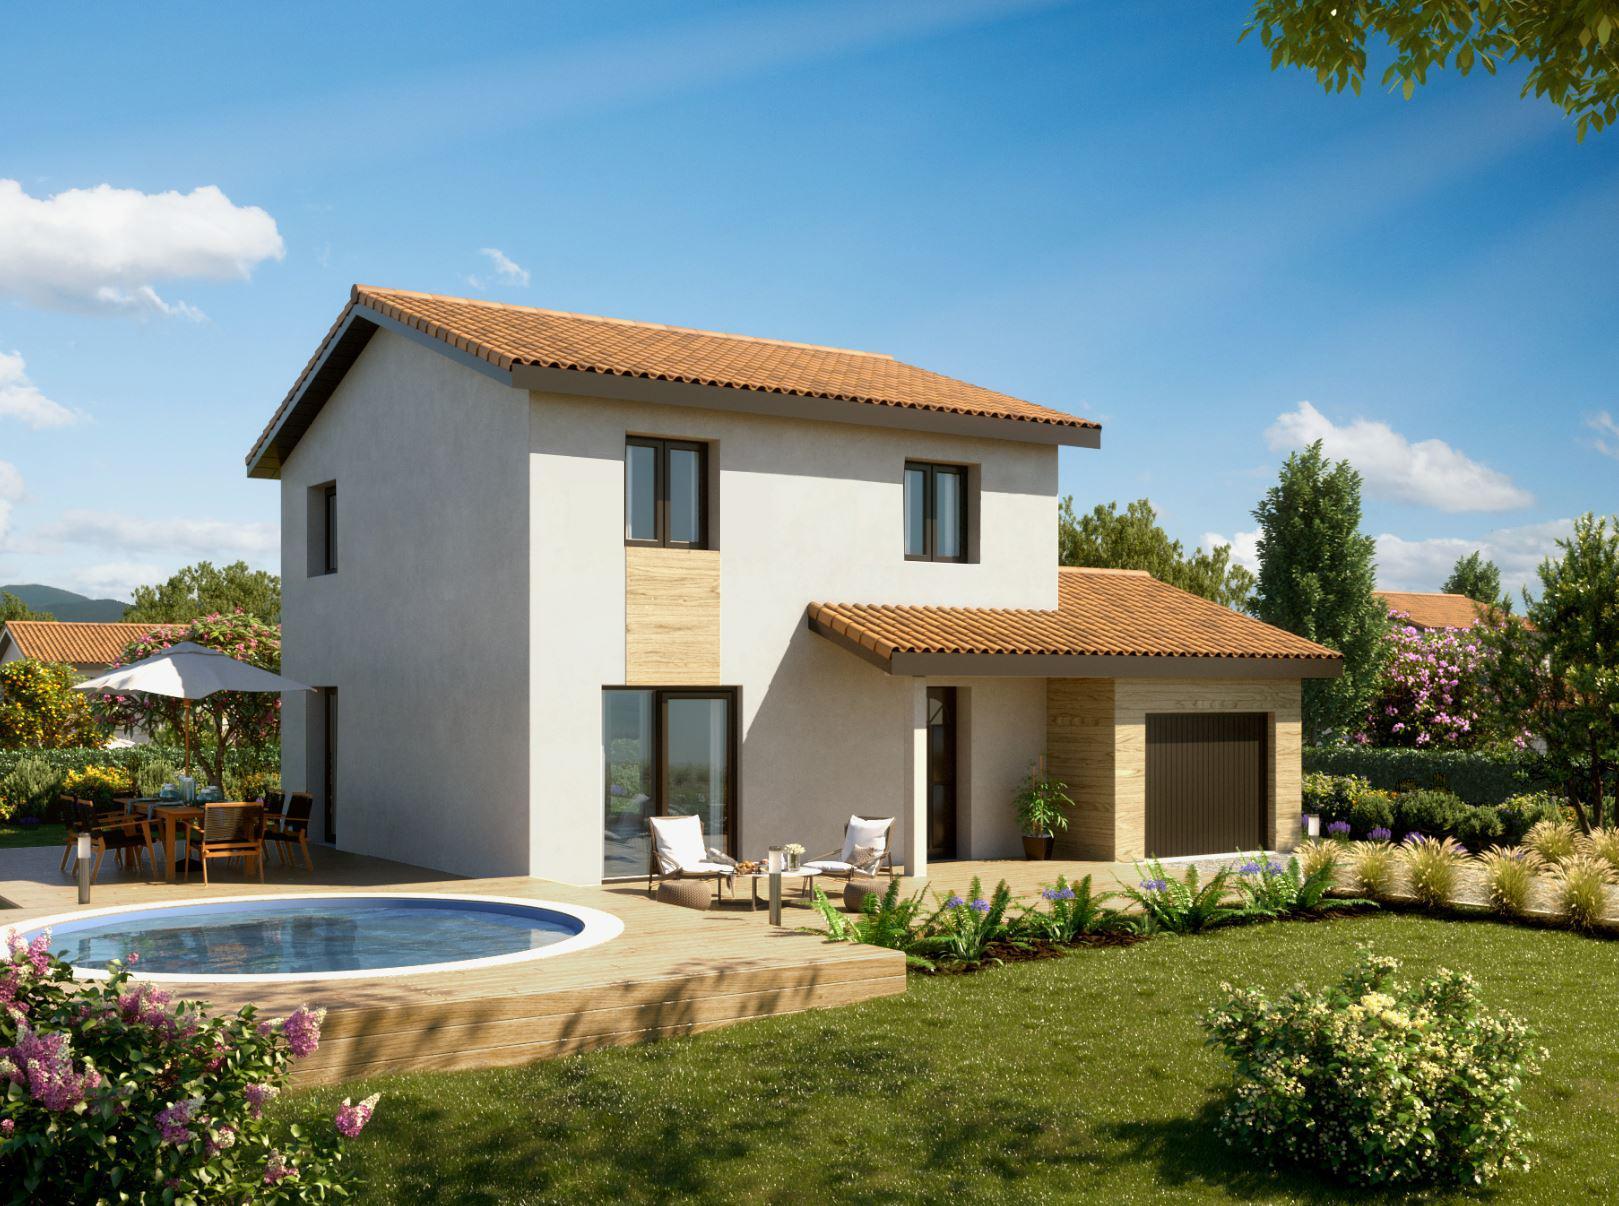 Maisons + Terrains du constructeur MAISONS PUNCH BOURGOIN • 94 m² • BOURGOIN JALLIEU